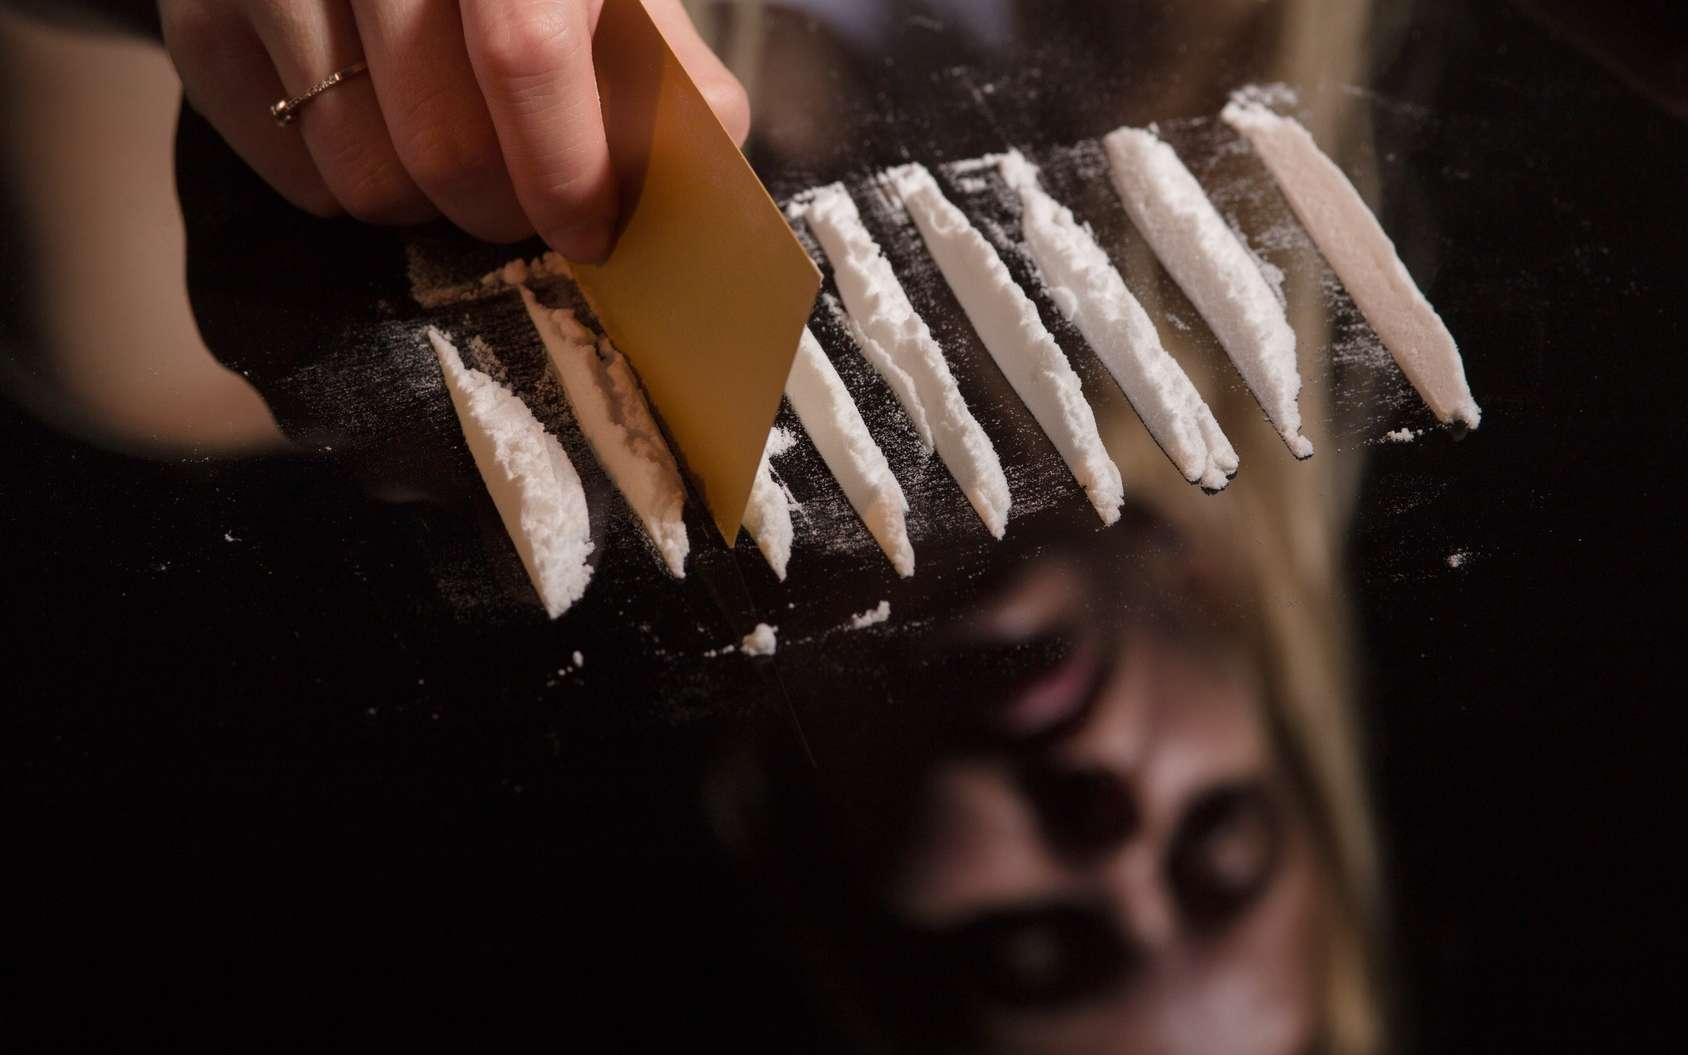 Le noyau accumbens est impliqué dans le système de récompense et l'addiction aux drogues. © tugolukof, Fotolia